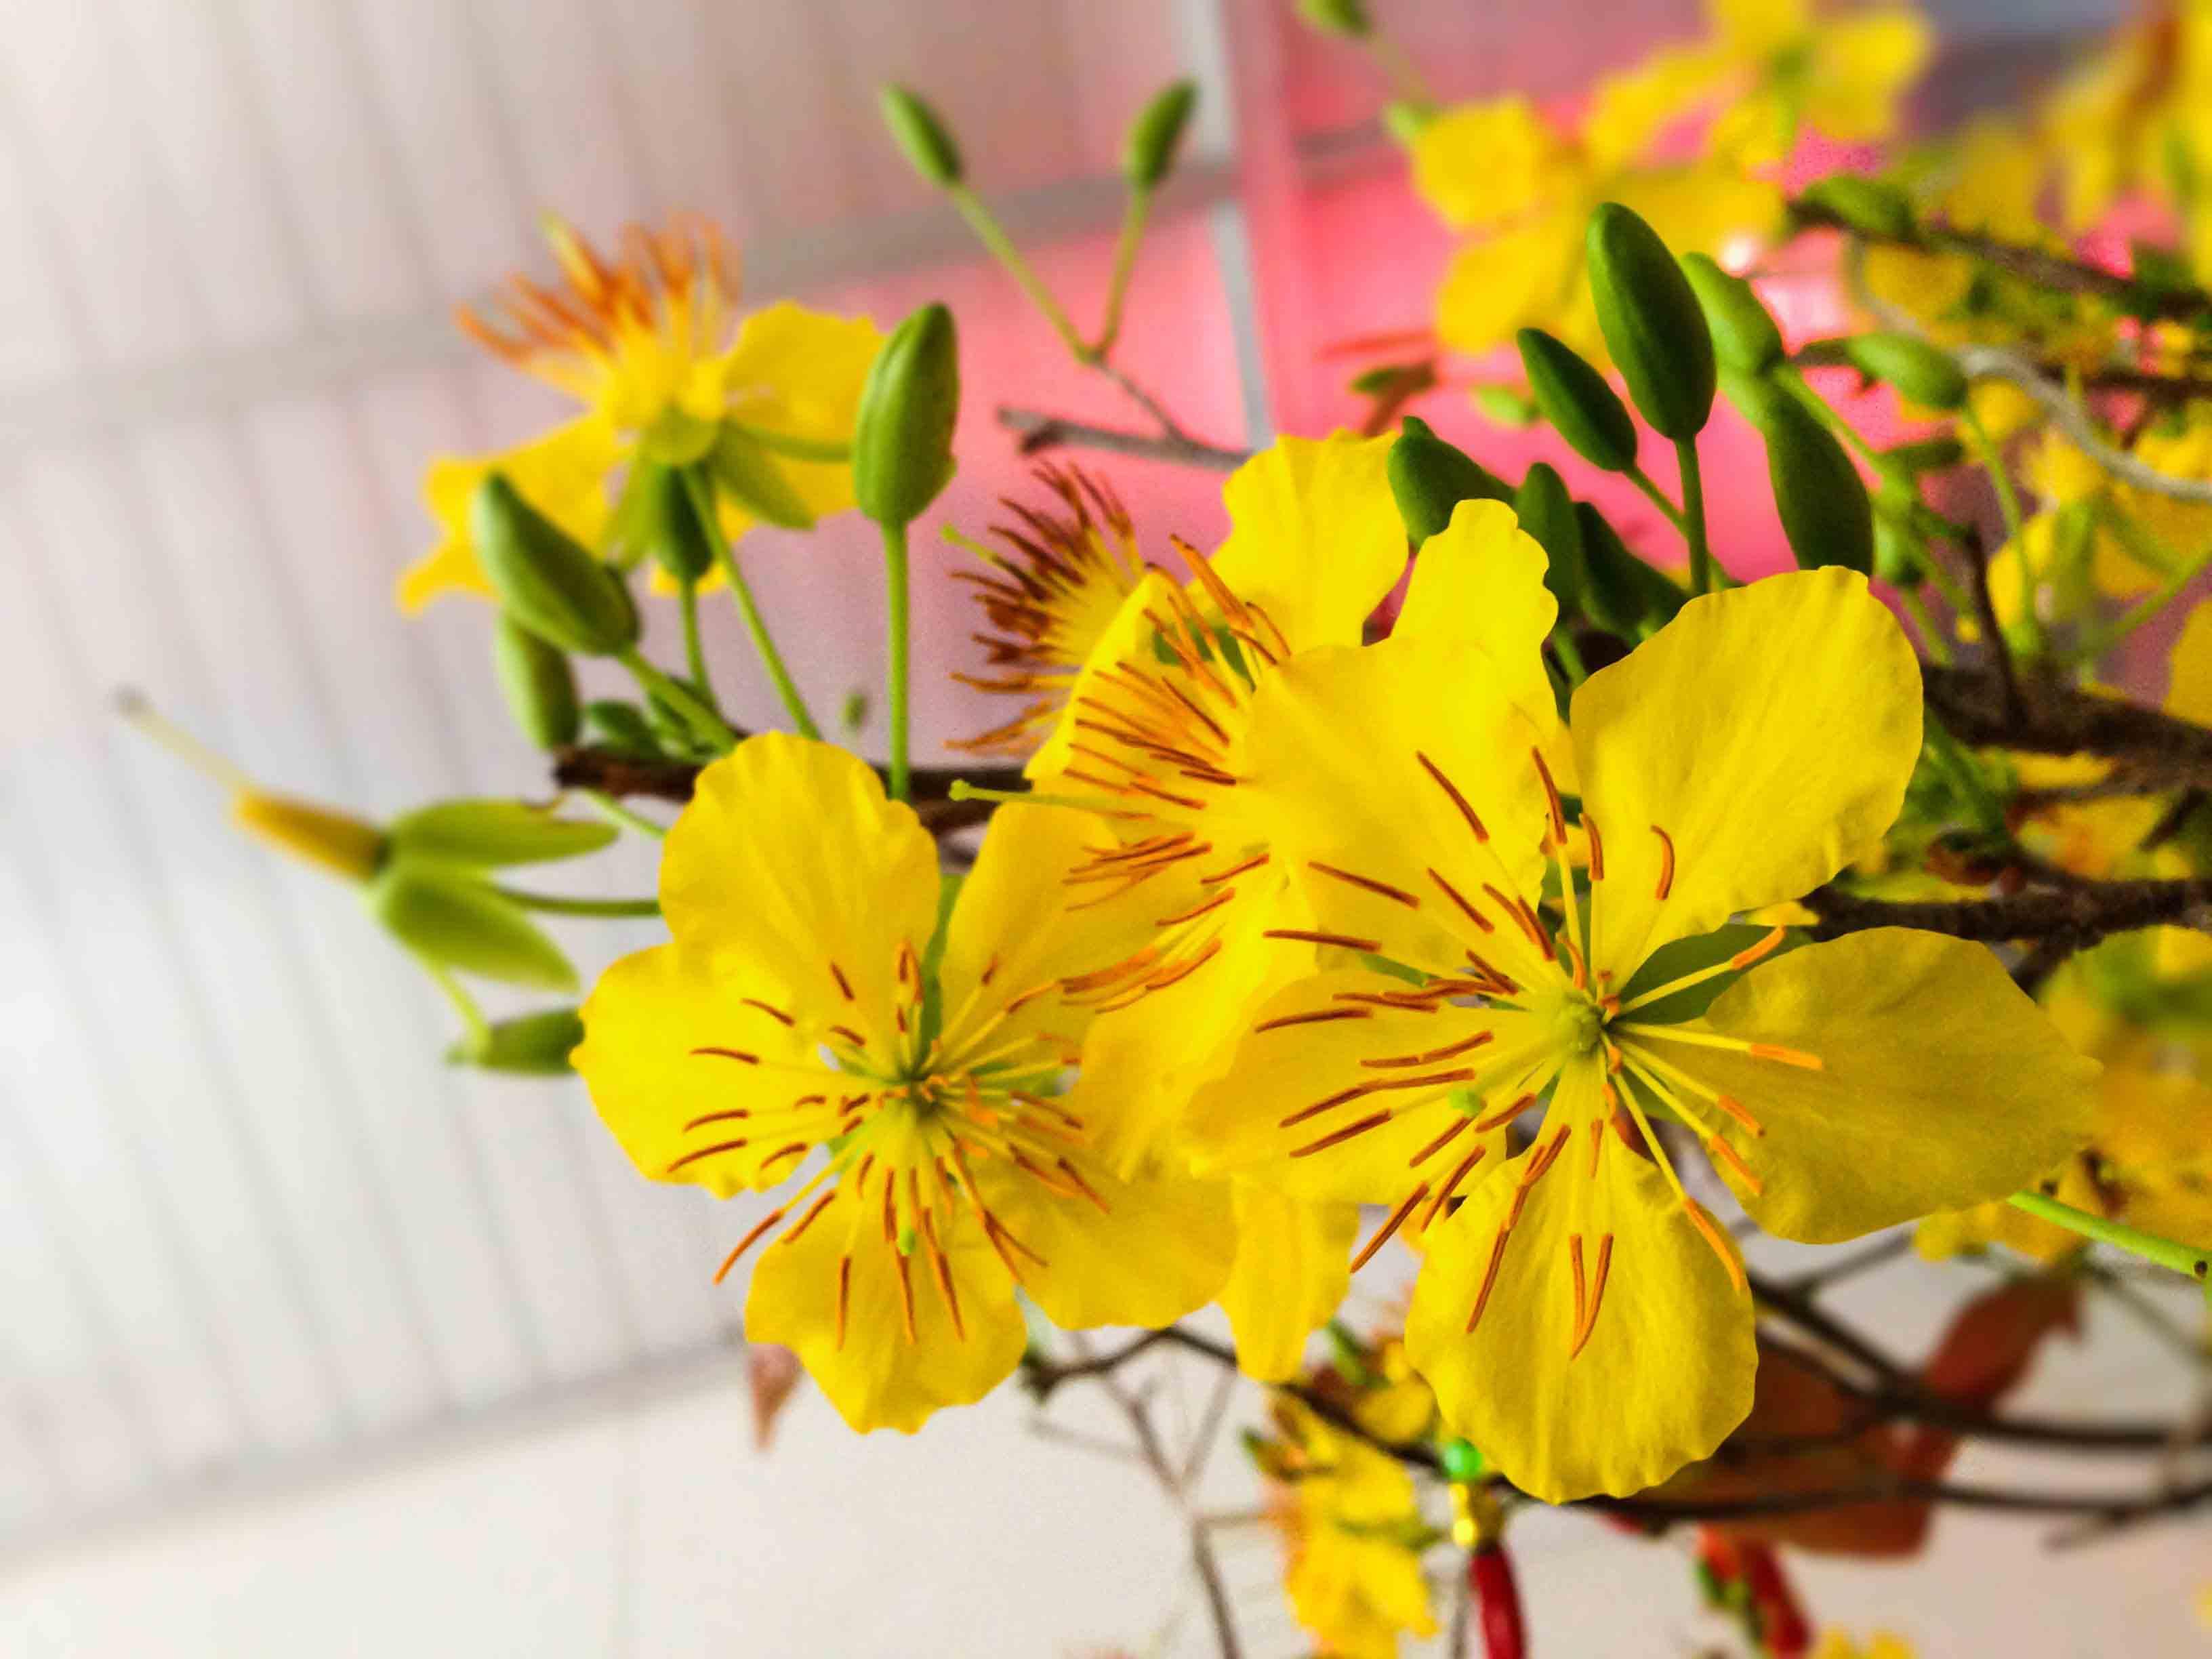 Hình ảnh hoa mai vàng khoe sắc trong nhà